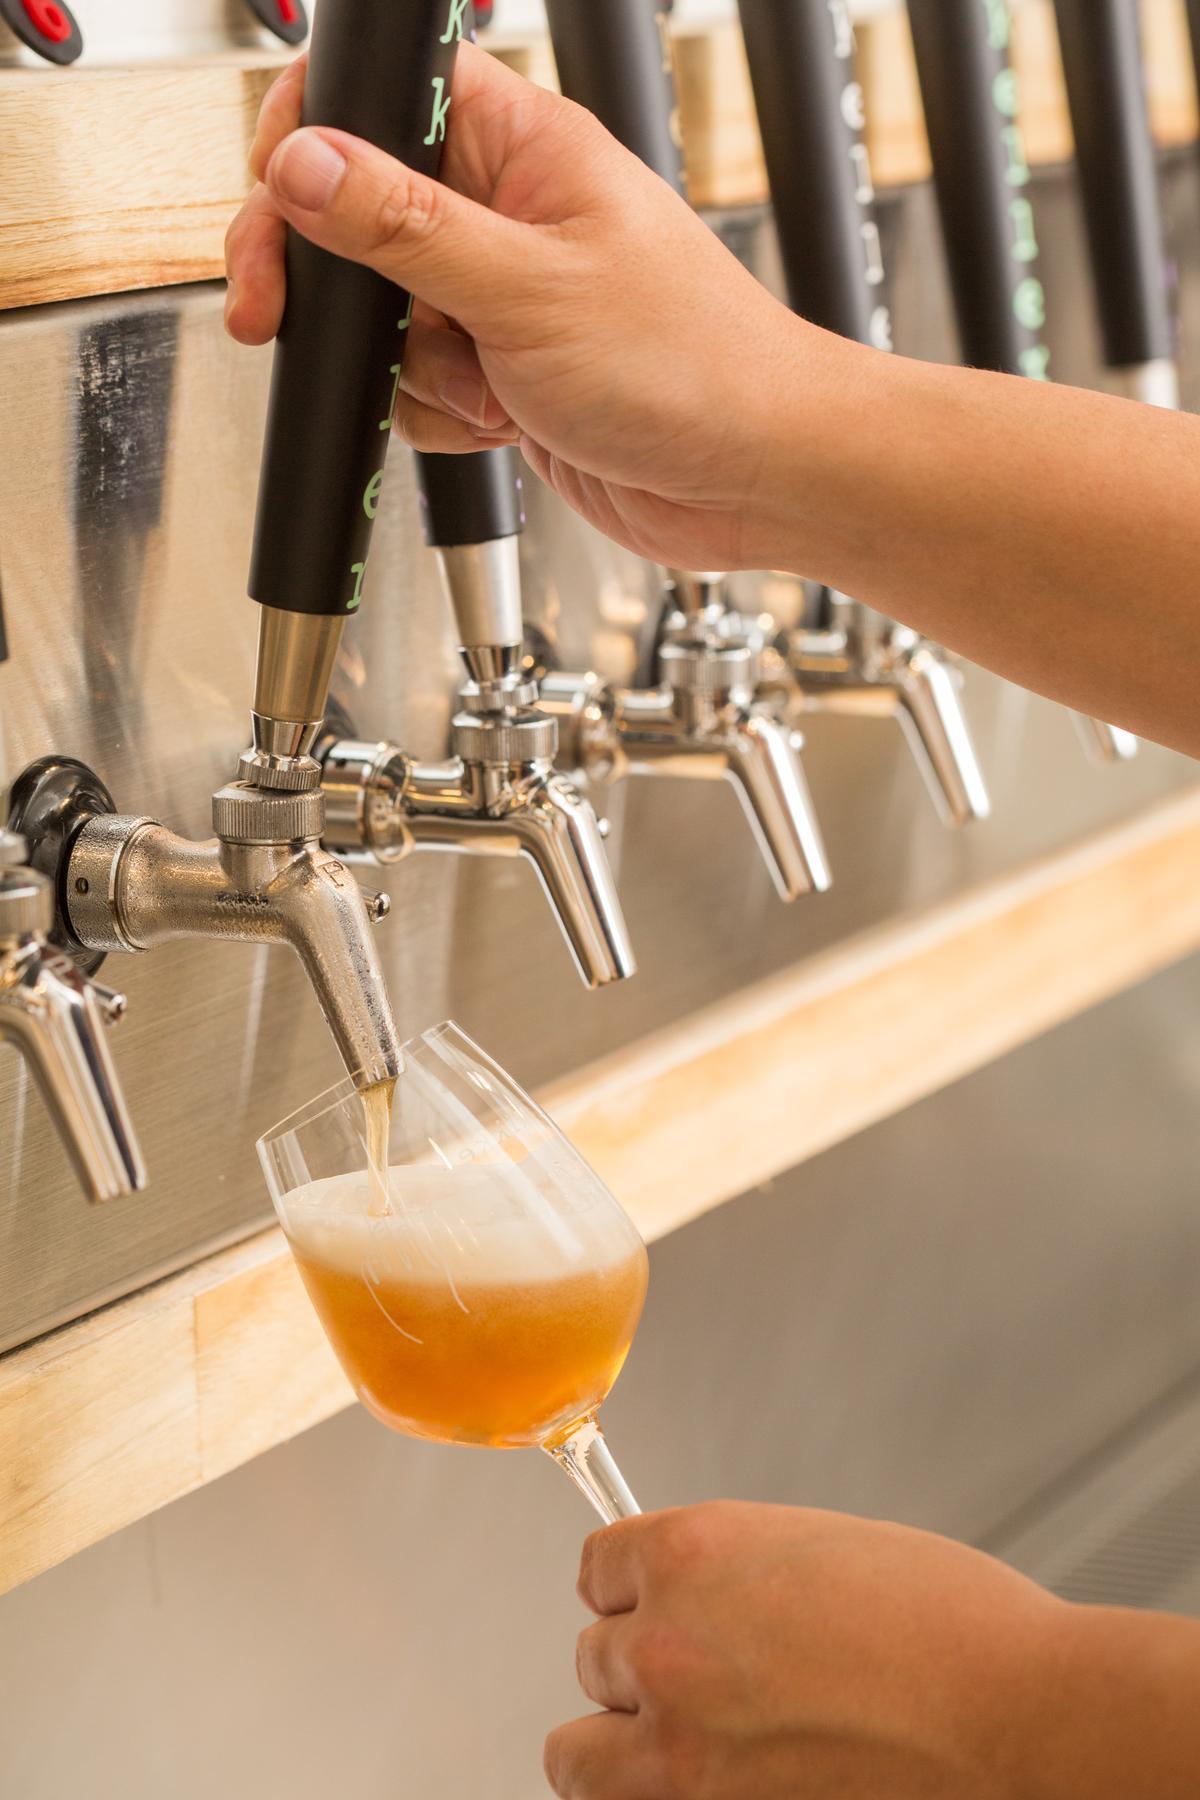 這支Whisky Sour風啤酒,將在「Bar Surfing Week」期間於米凱樂啤酒吧限量供應。